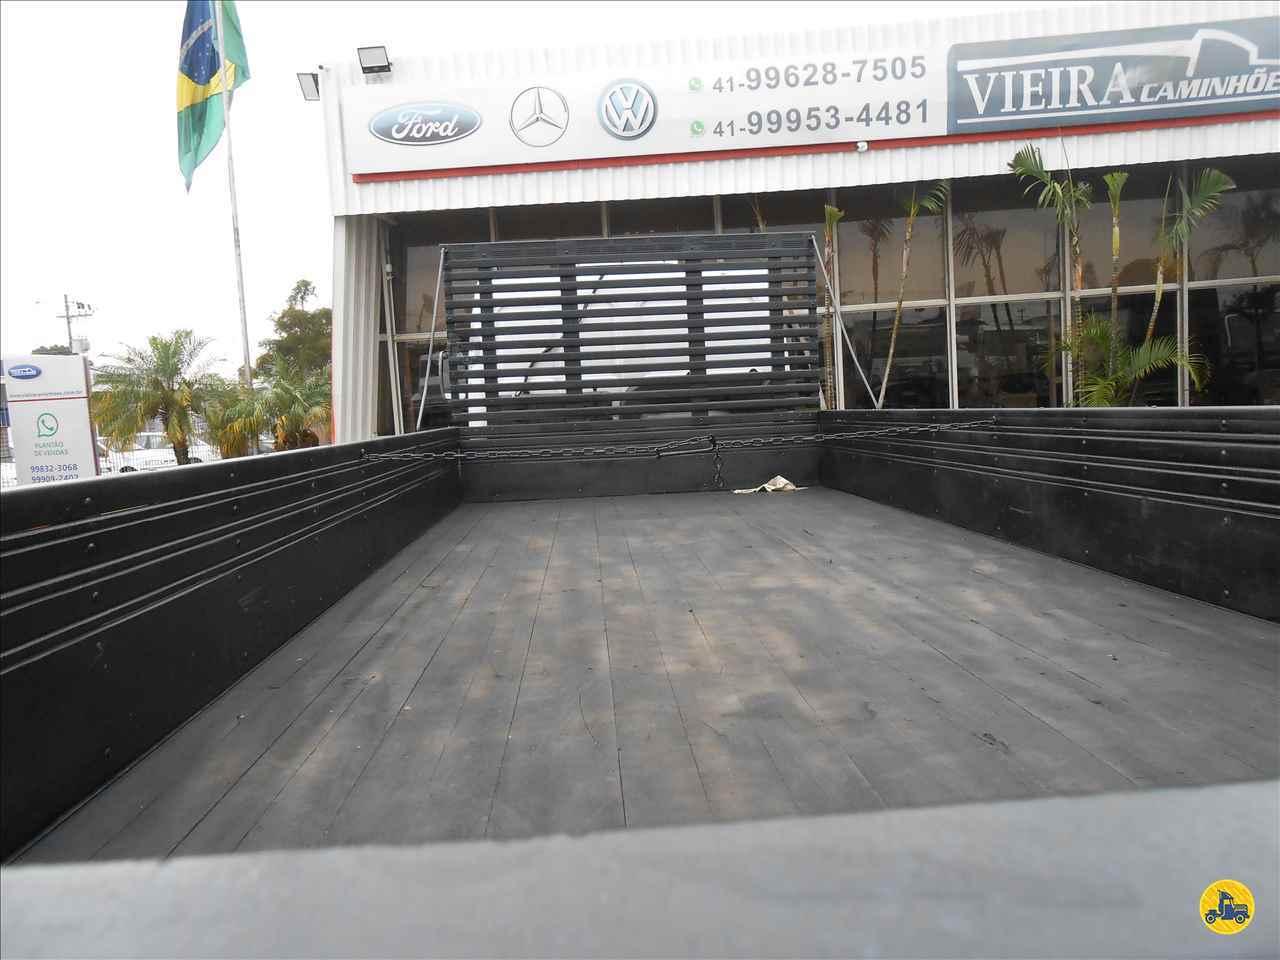 FORD CARGO 1119 680000km 2013/2014 Vieira Caminhões